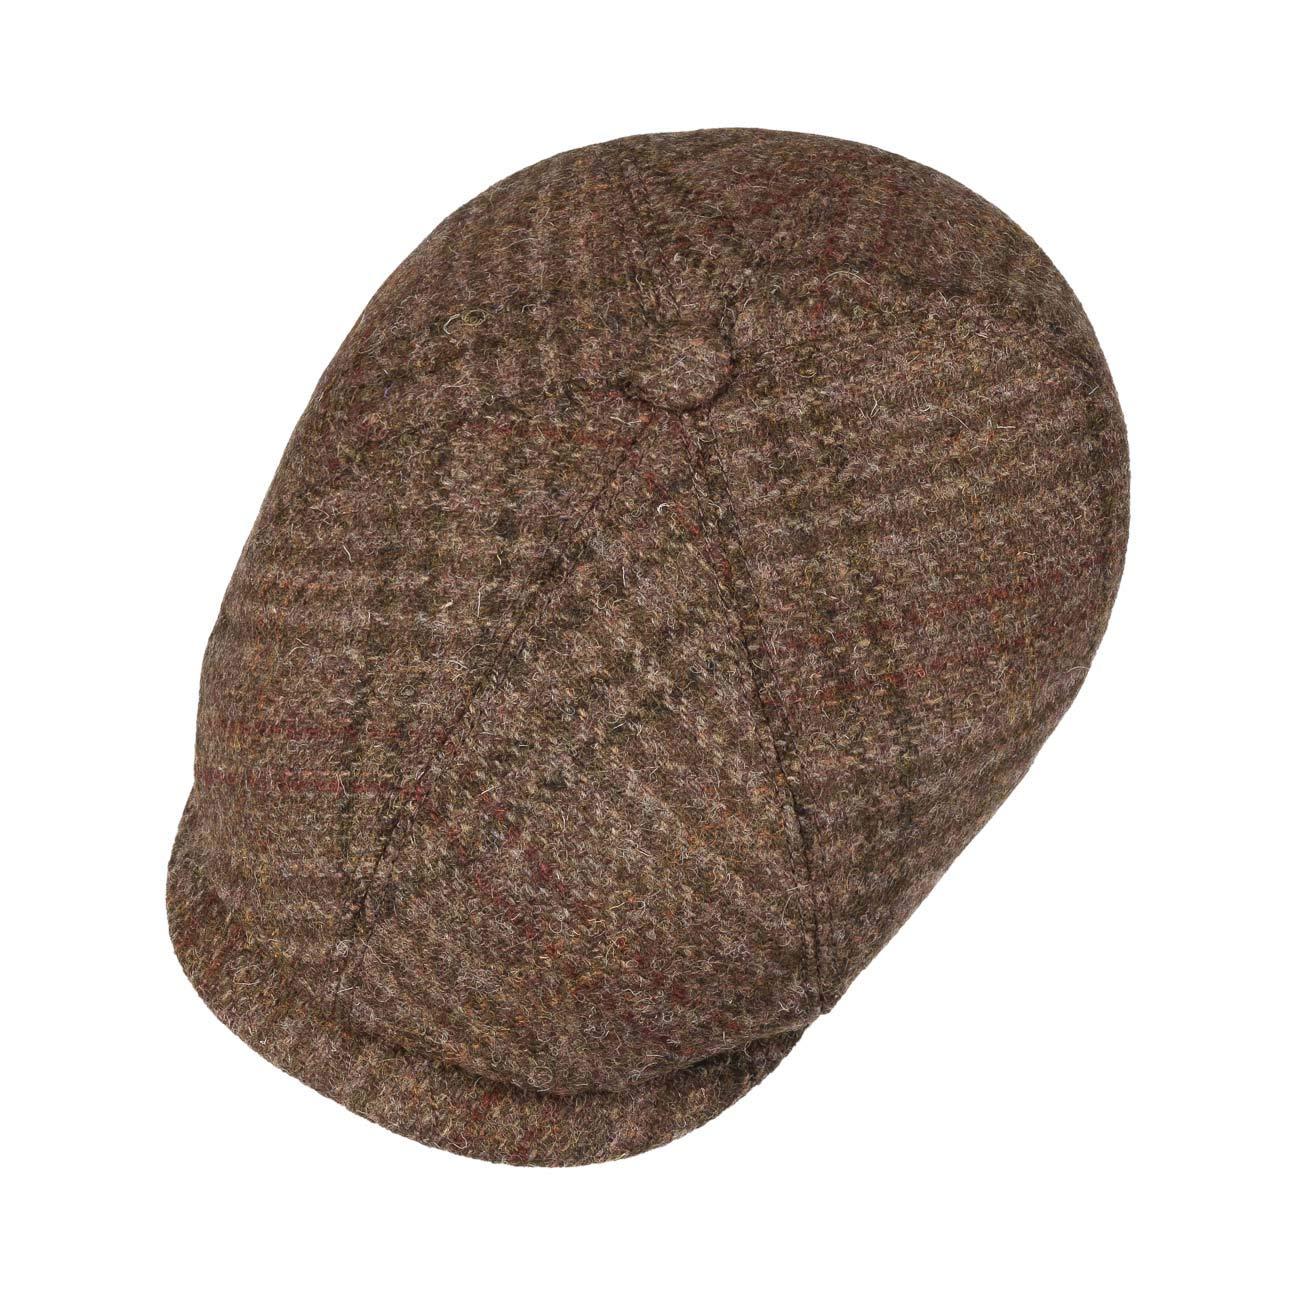 Fodera Autunno//Inverno Stetson Brooklin Virgin Wool Coppola Uomo Made in Germany Berretto Piatto Cappello Cappellino da con Visiera